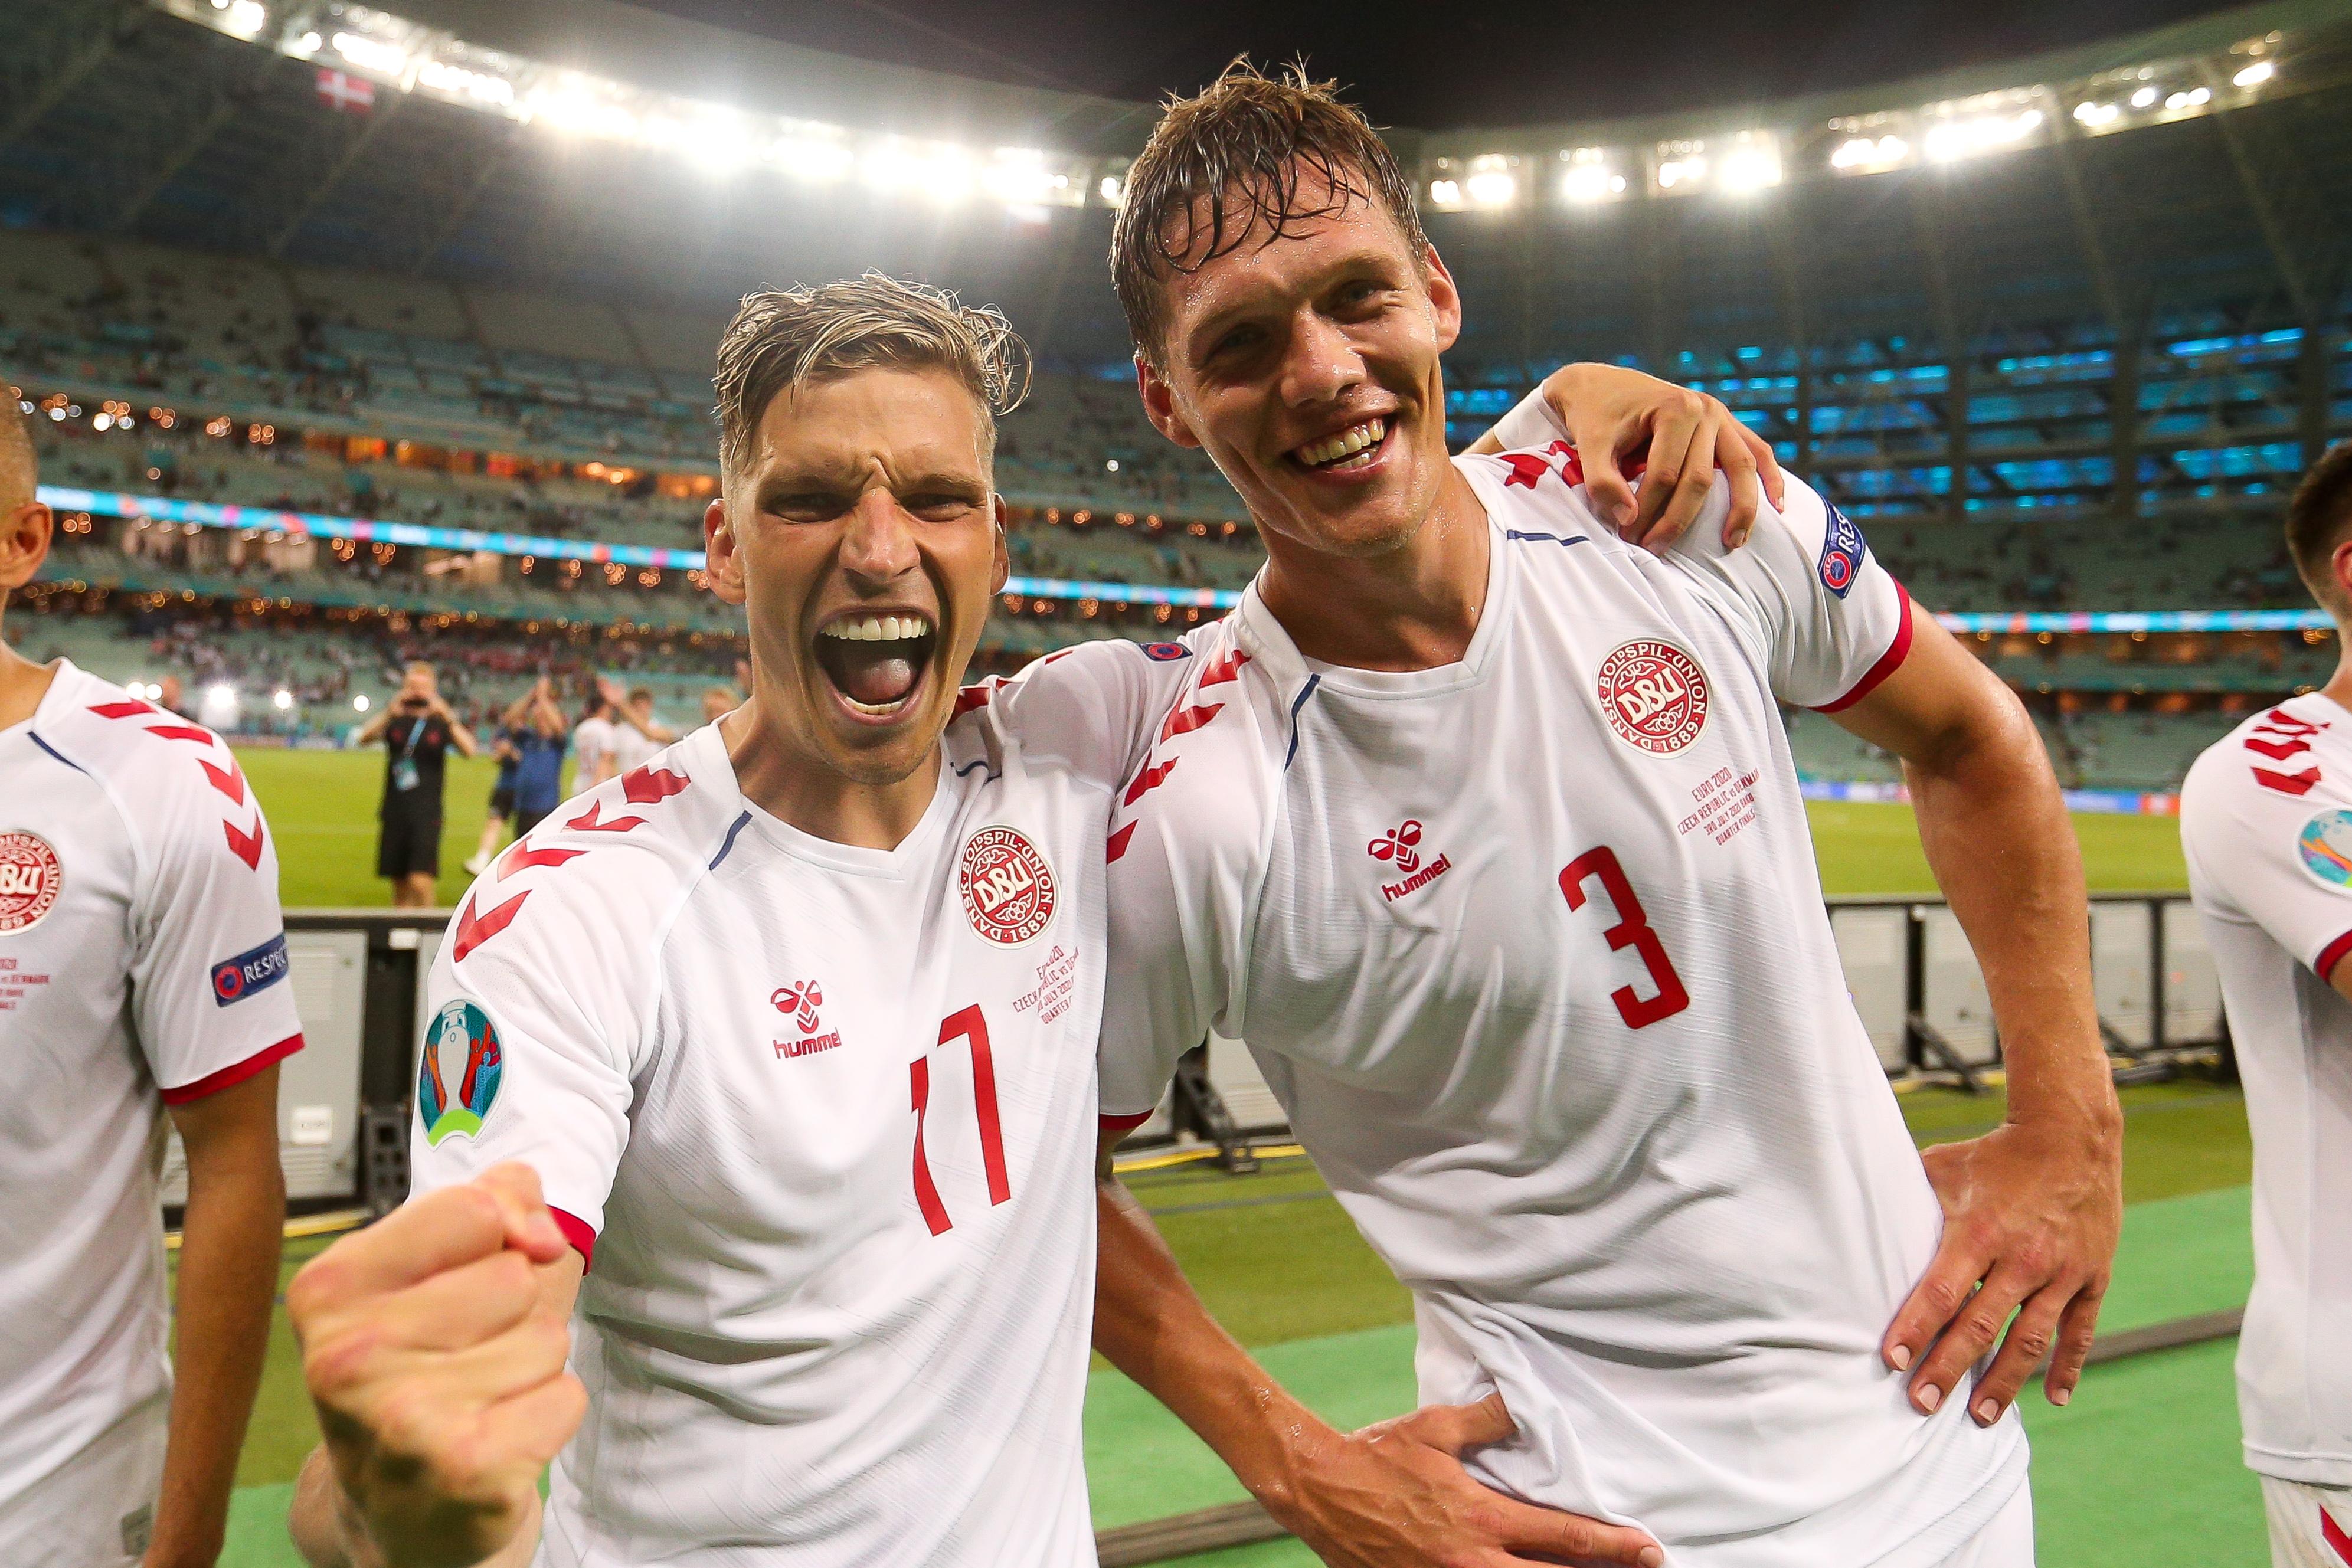 Denmark, Jannik Vestergaard, Czech Republic, England, Southampton, Saints, Premier League, Euro 2020